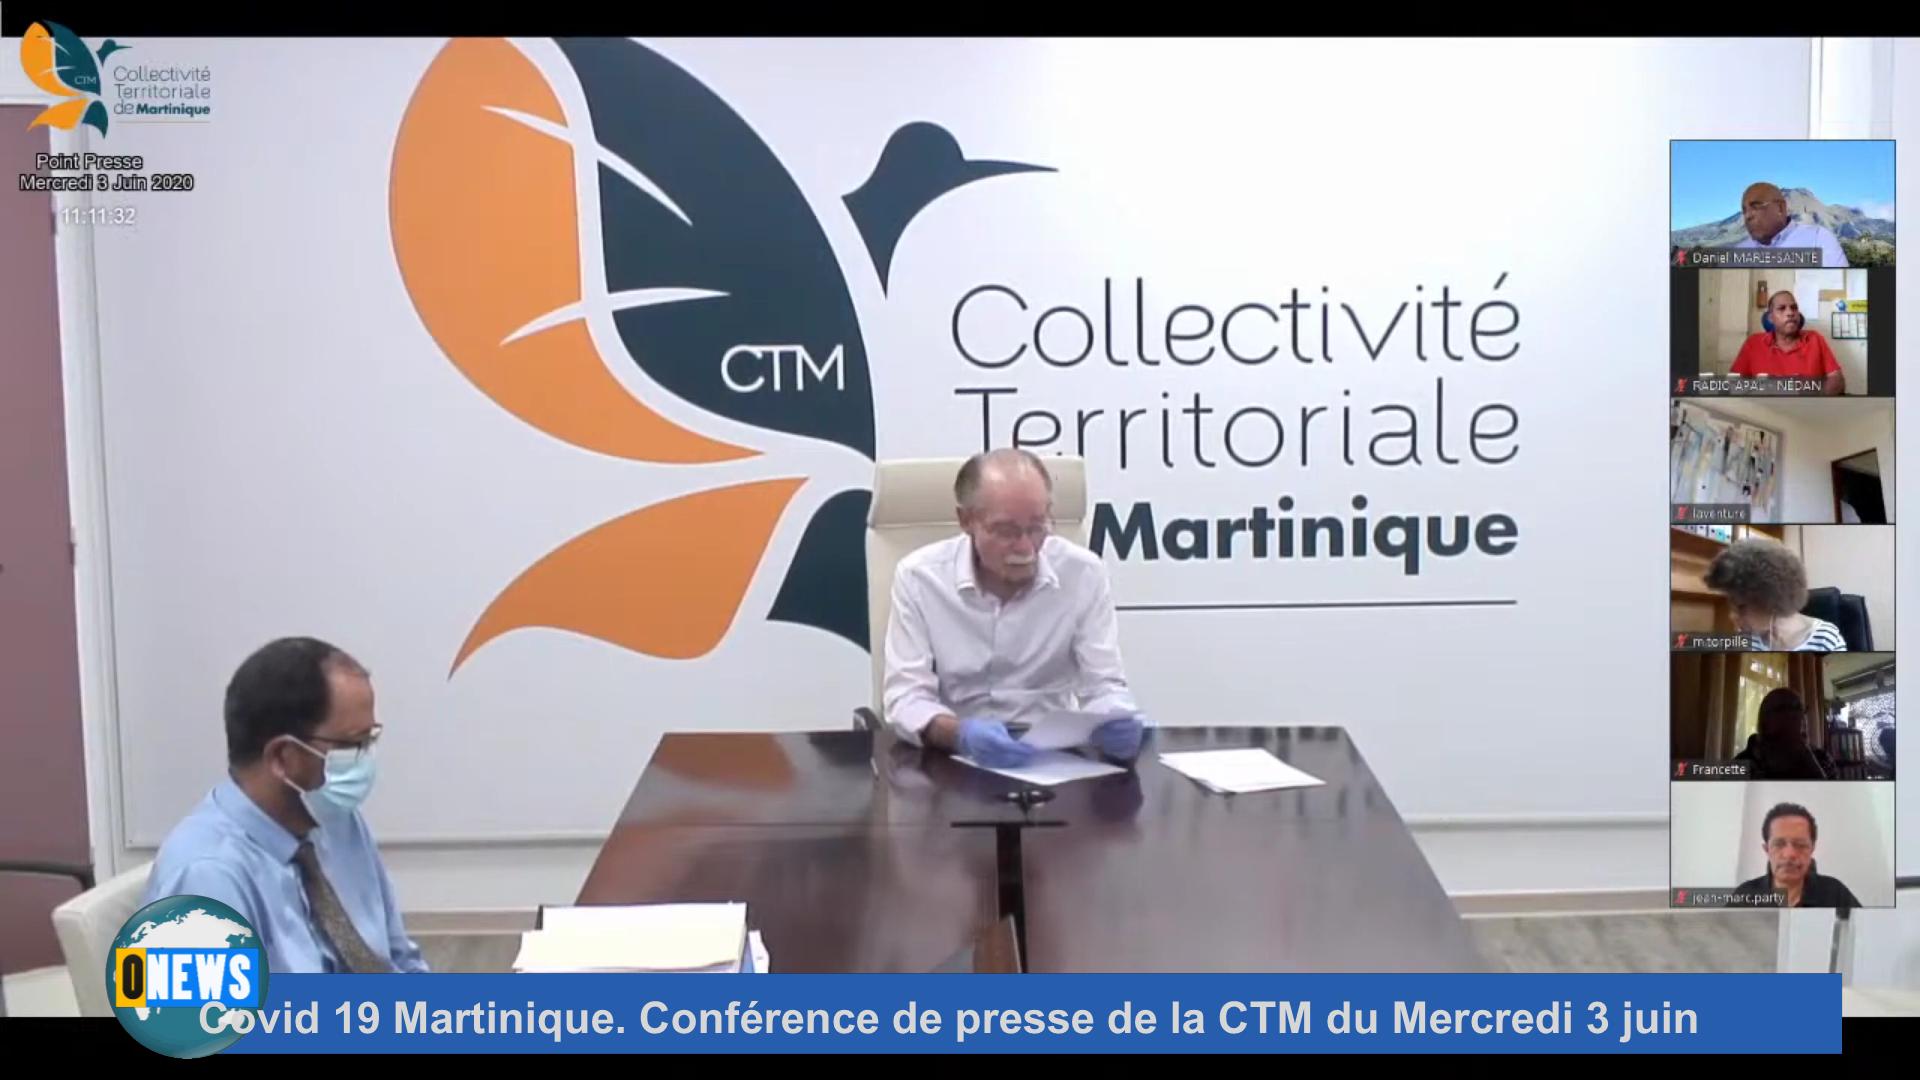 [Vidéo] Covid 19 Martinique. Conférence de presse de la CTM du Mercredi 3 juin